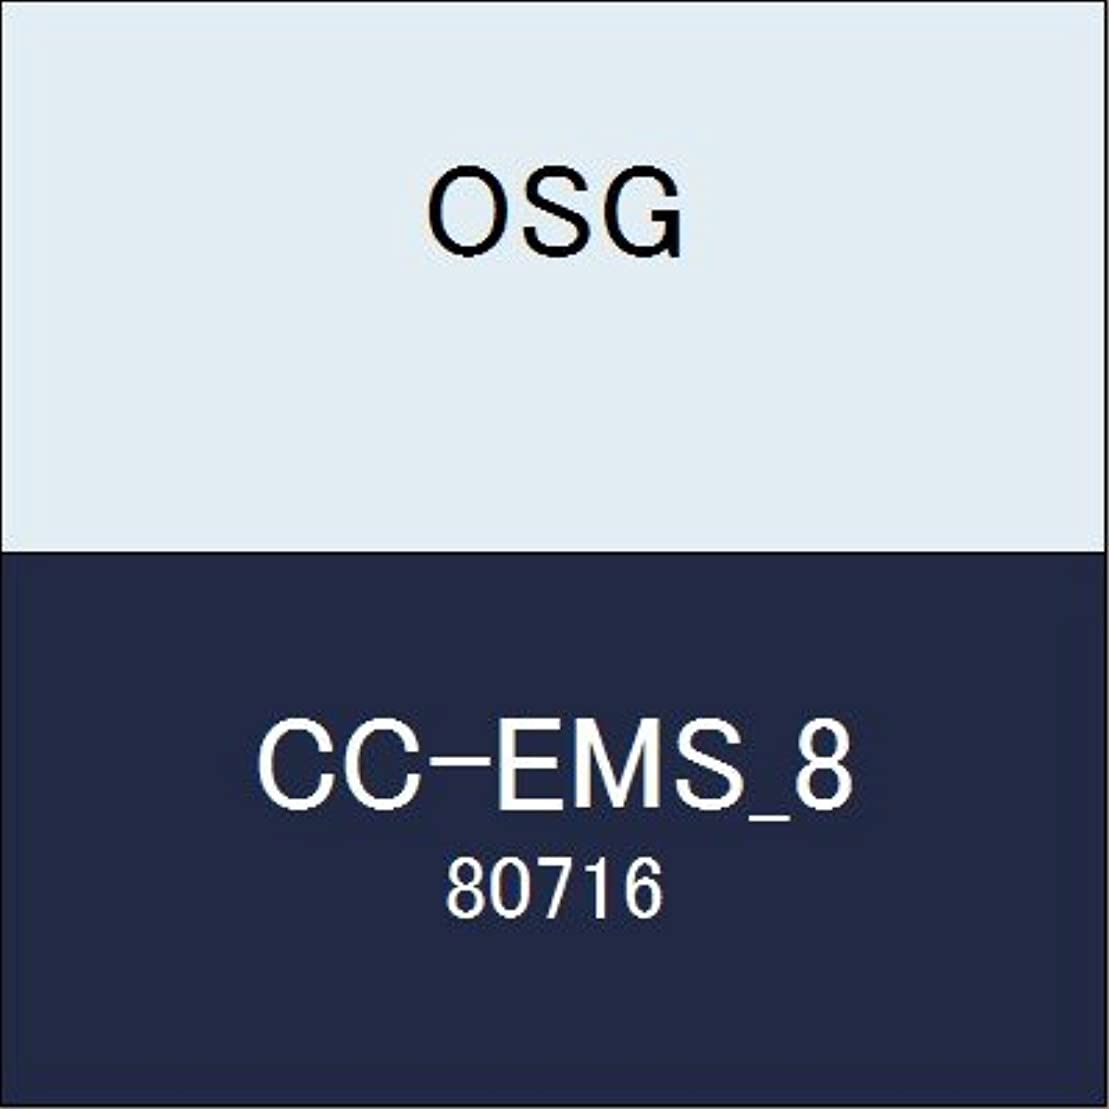 赤道ドライバ位置づけるOSG エンドミル CC-EMS_8 商品番号 80716